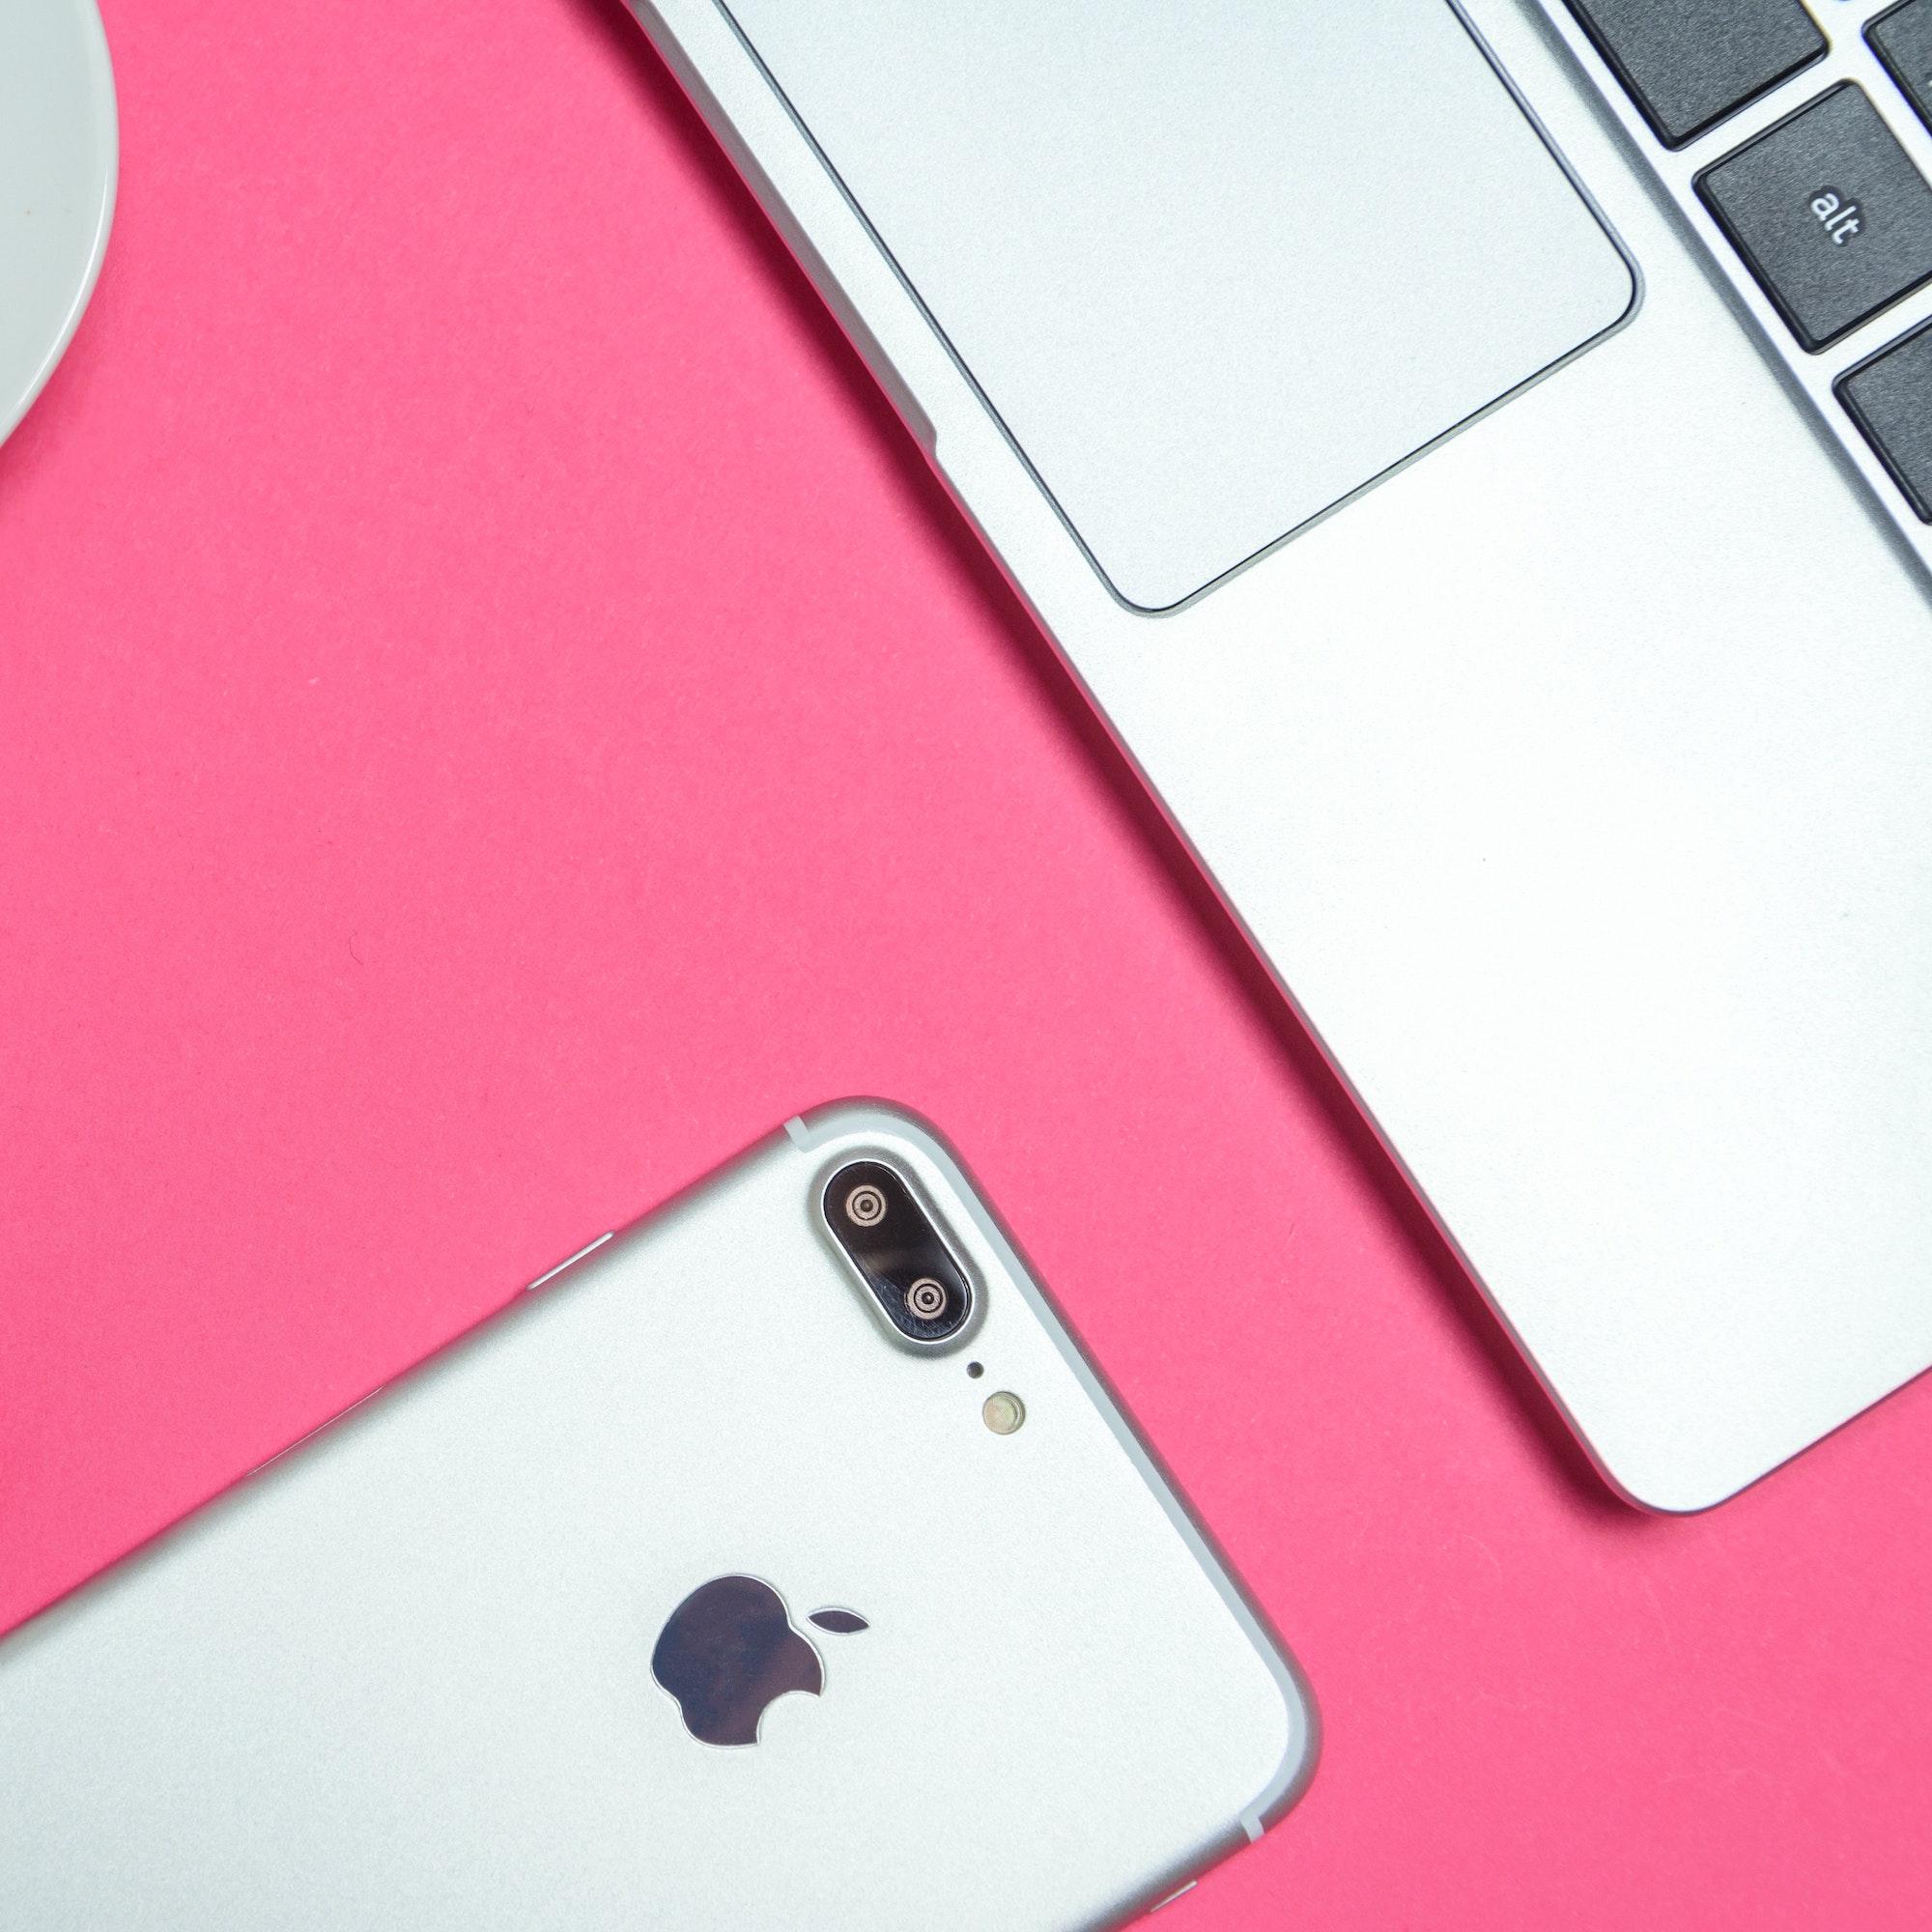 Bringen Sie Ihr Apple Gerät zu unserer Technik und erhalten Sie den besten Service